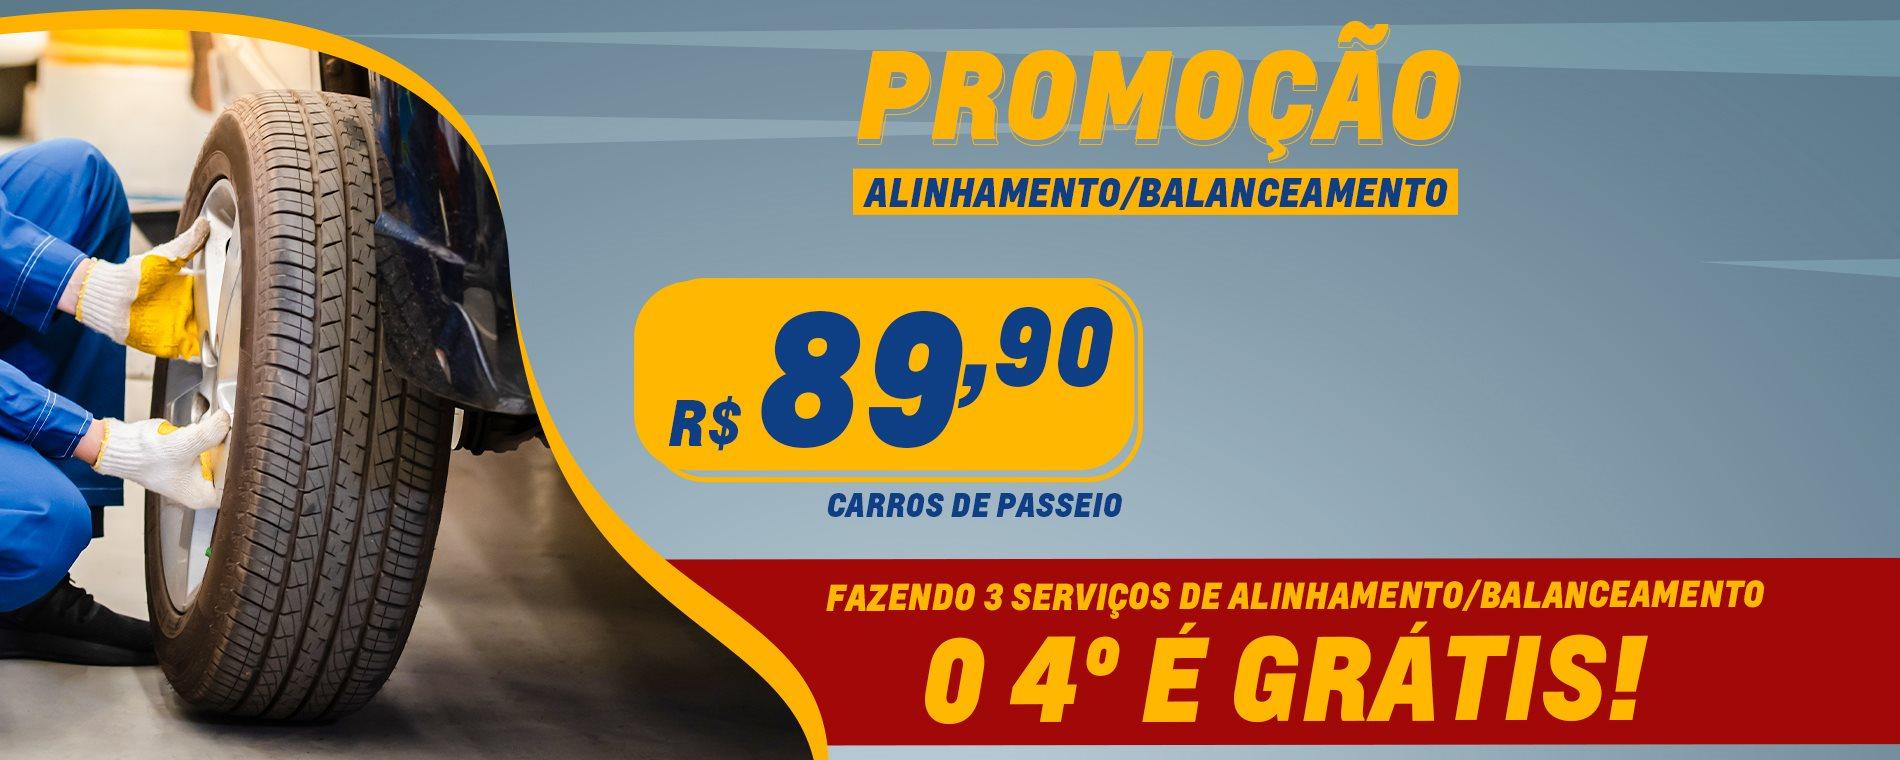 ALINHAMENTO E BALANCEAMENTO - BANNER SITE